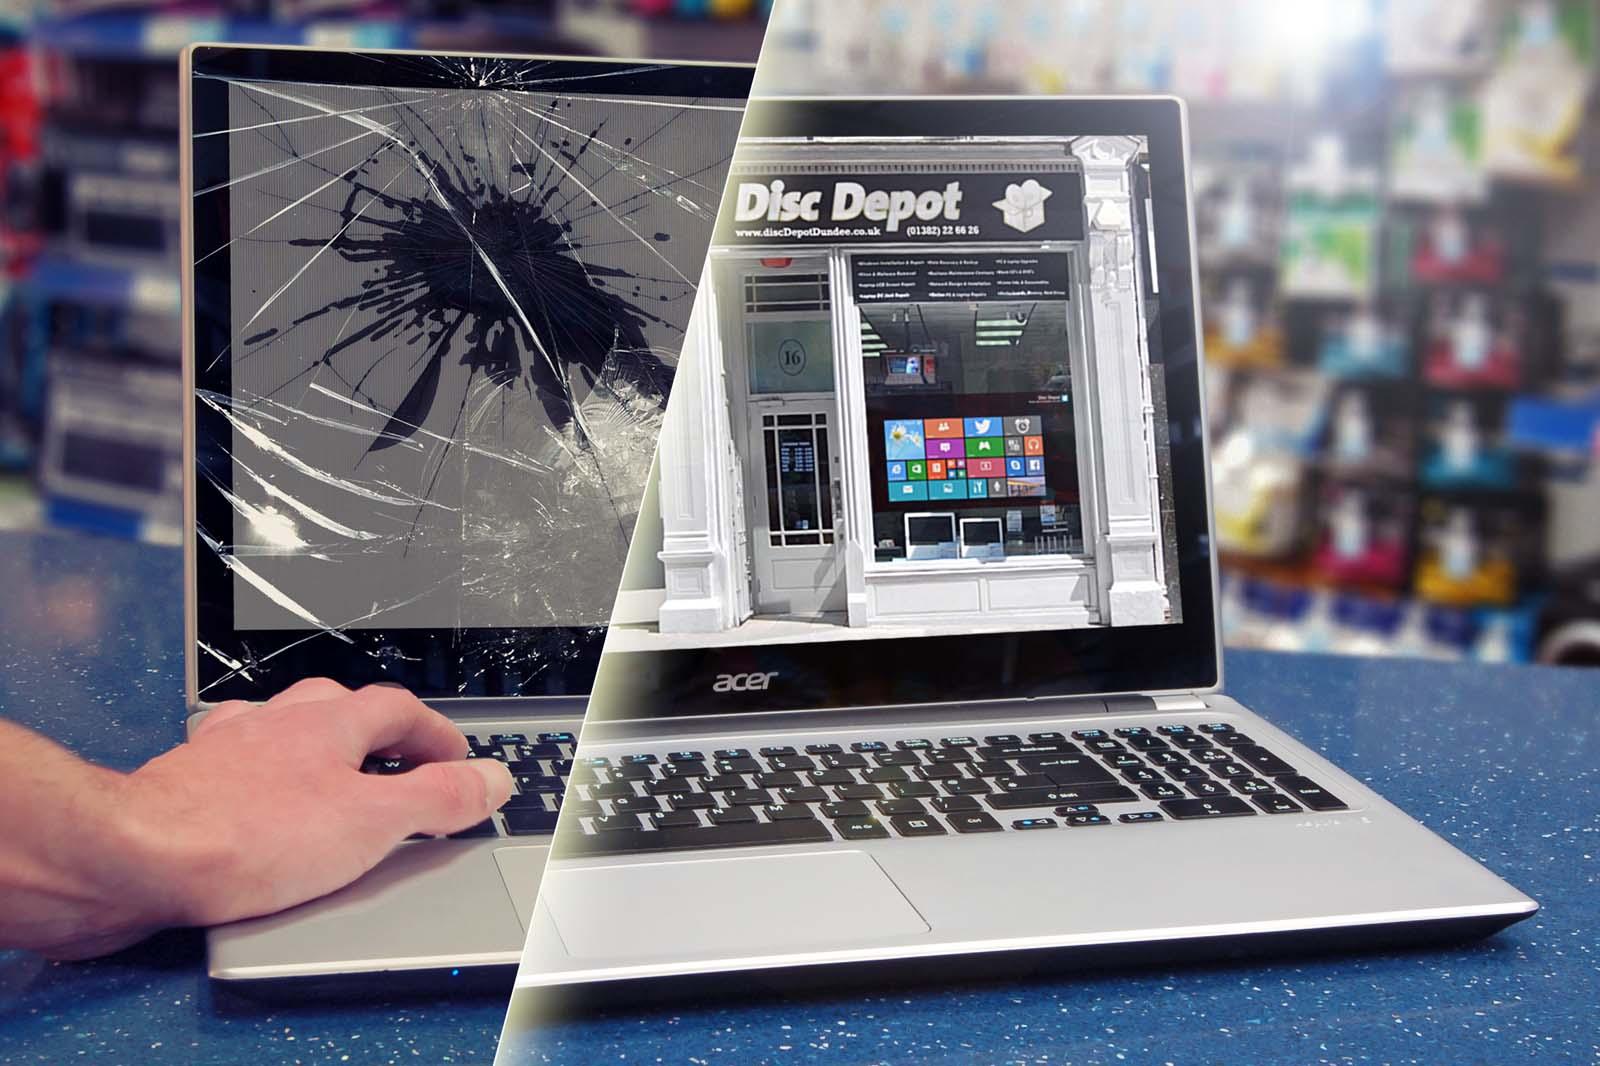 cracked screen repair cost uk